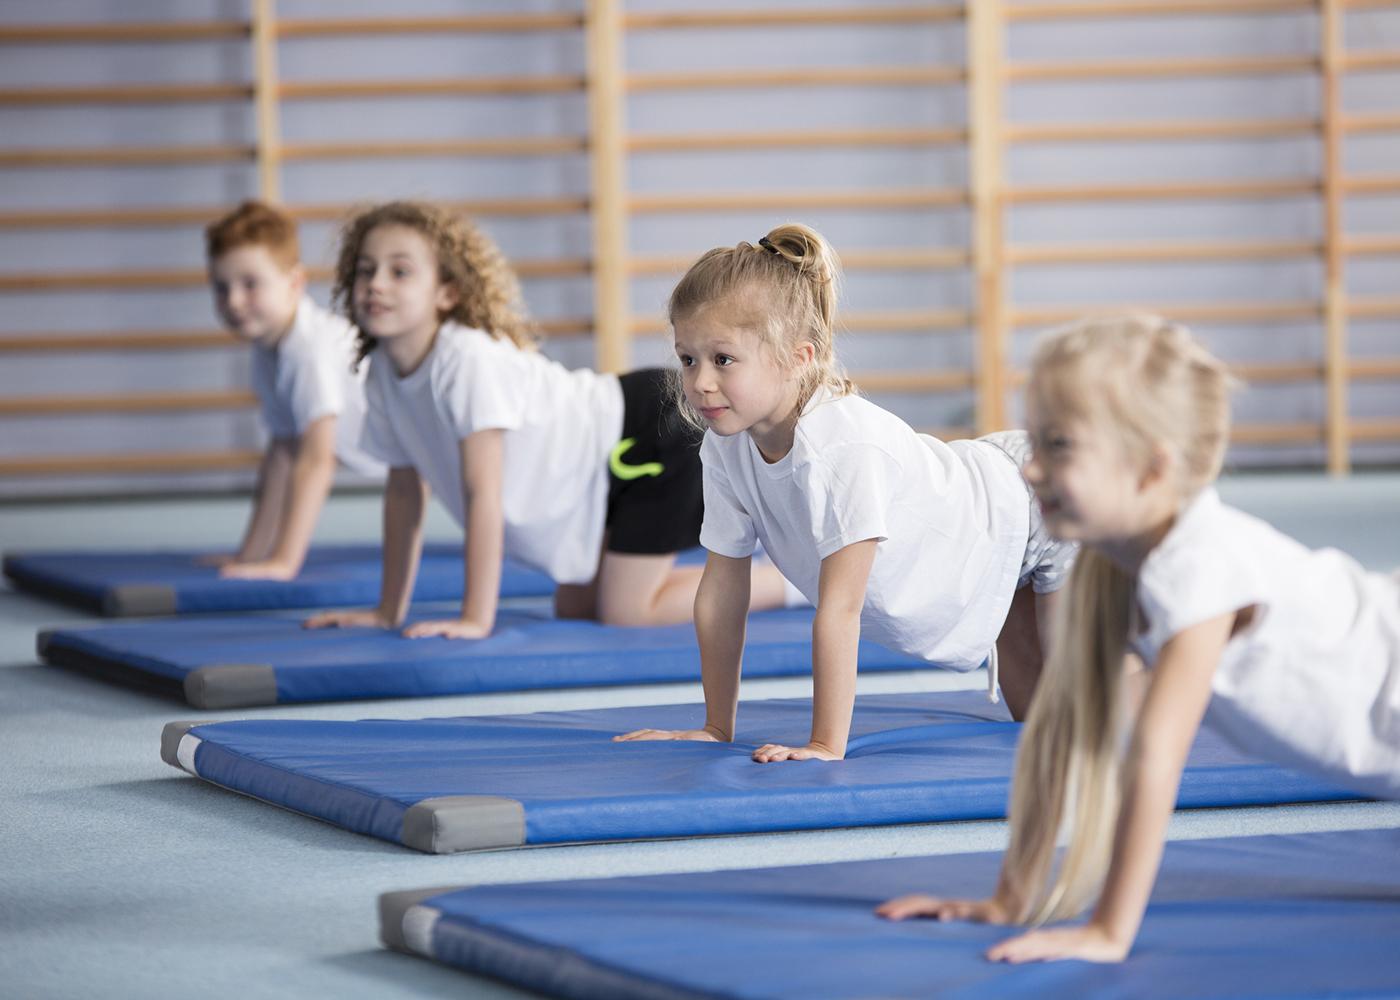 aula de ginástica